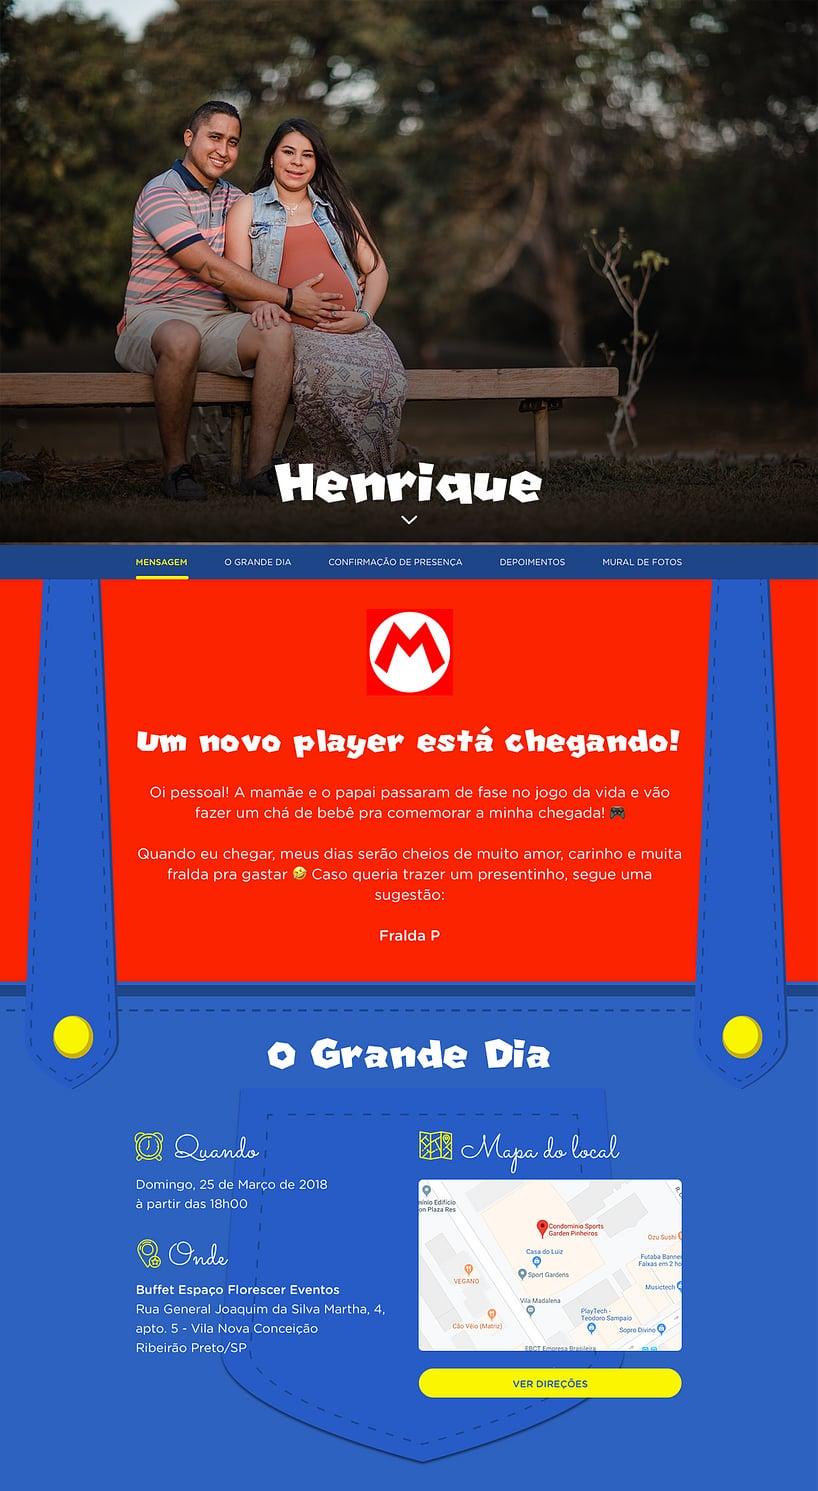 Vibe de Cha de bebe - Mario Bros.